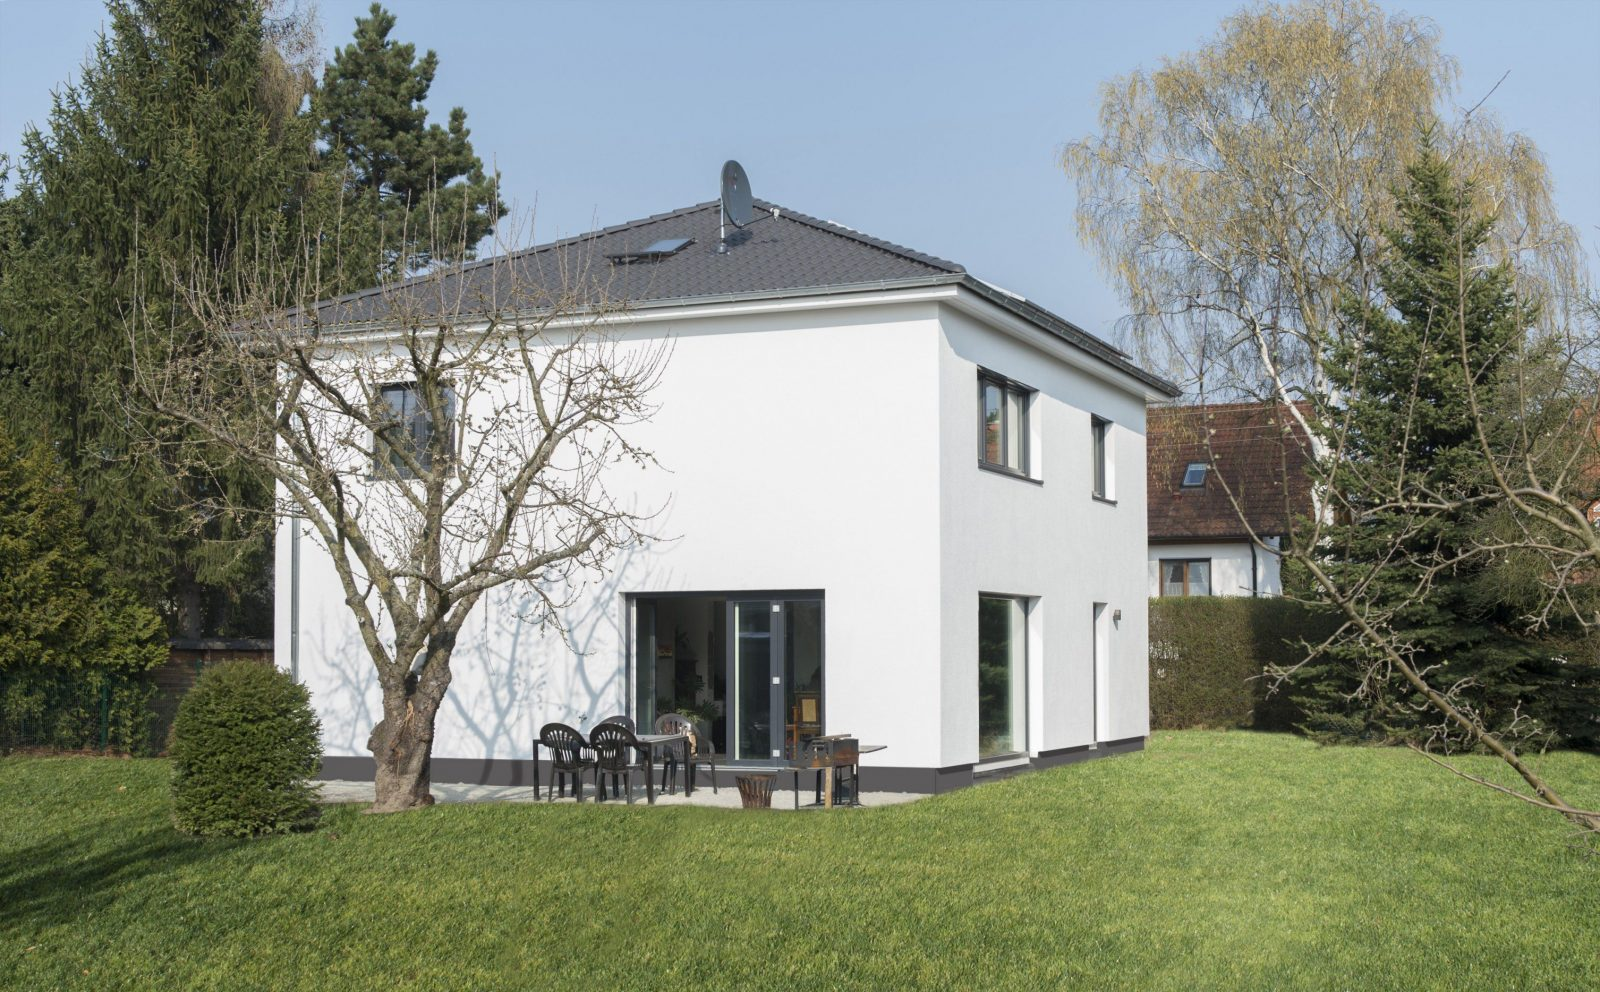 Haus Komplett Selber Bauen